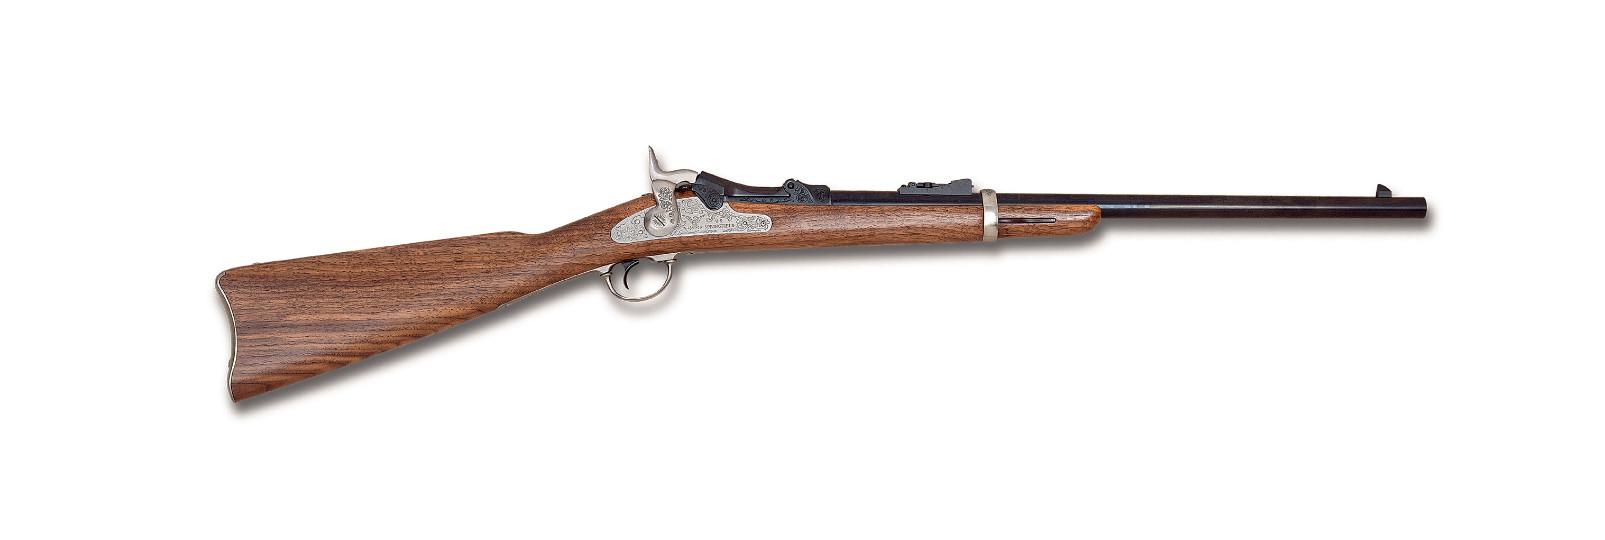 Springfield Trapdoor Carabine Deluxe